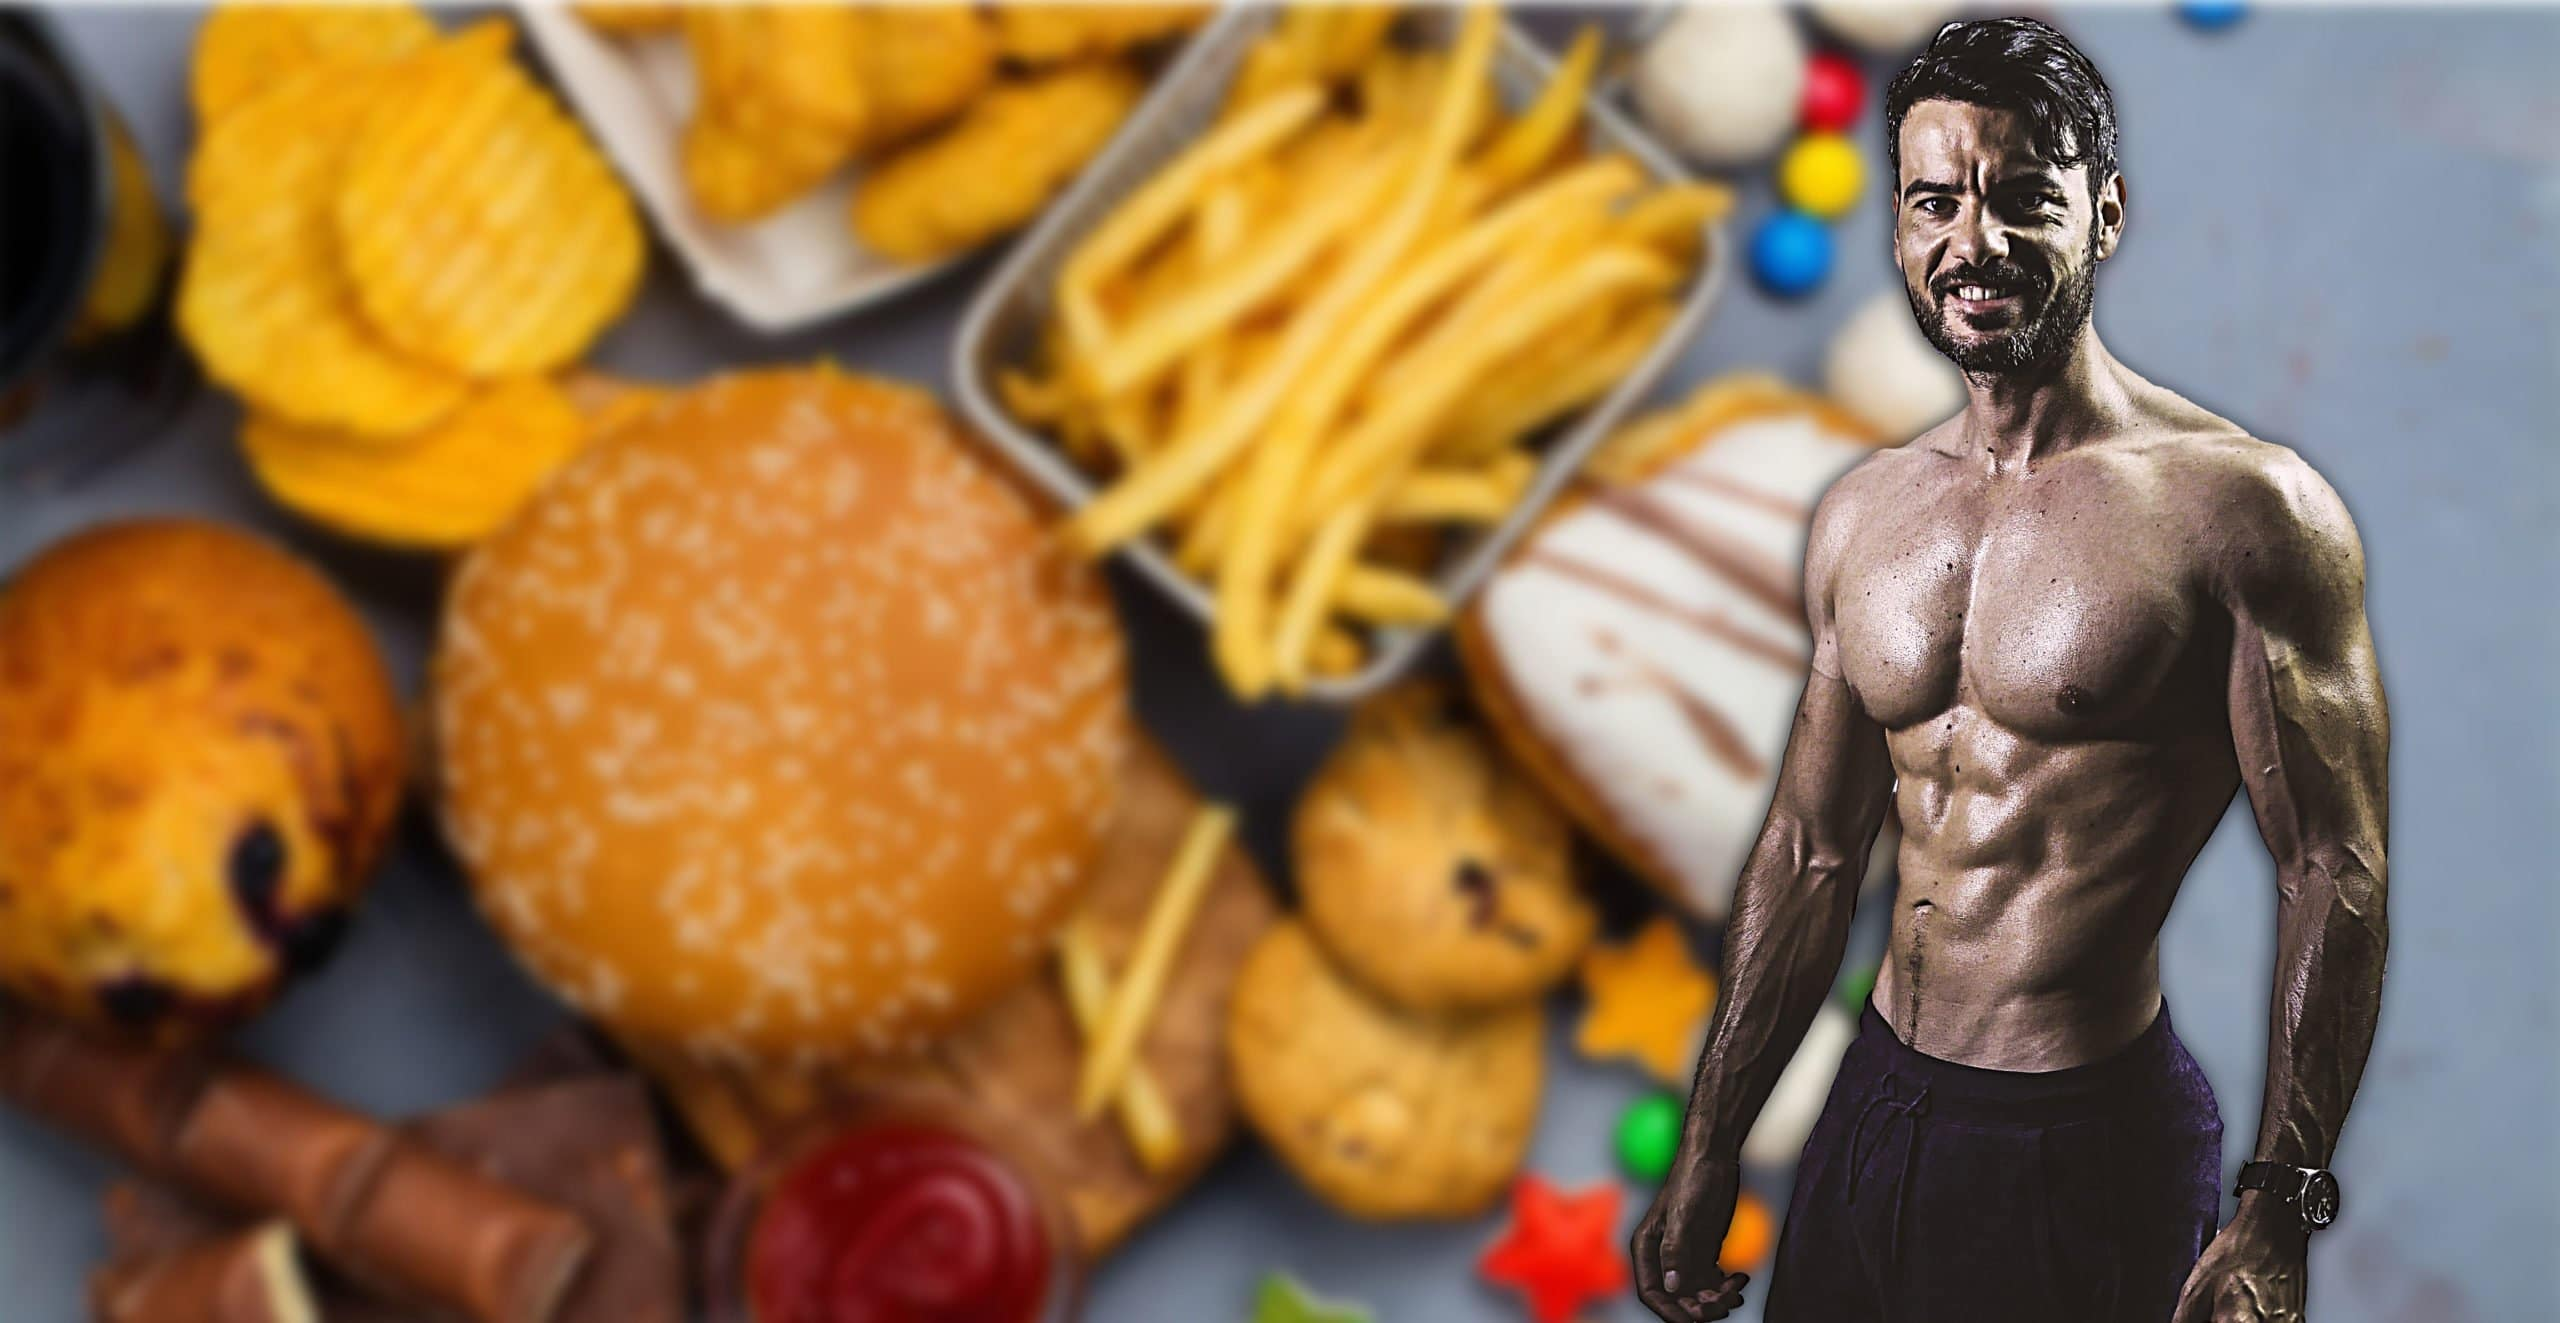 Coupe faim naturel et sans risque pour la santé